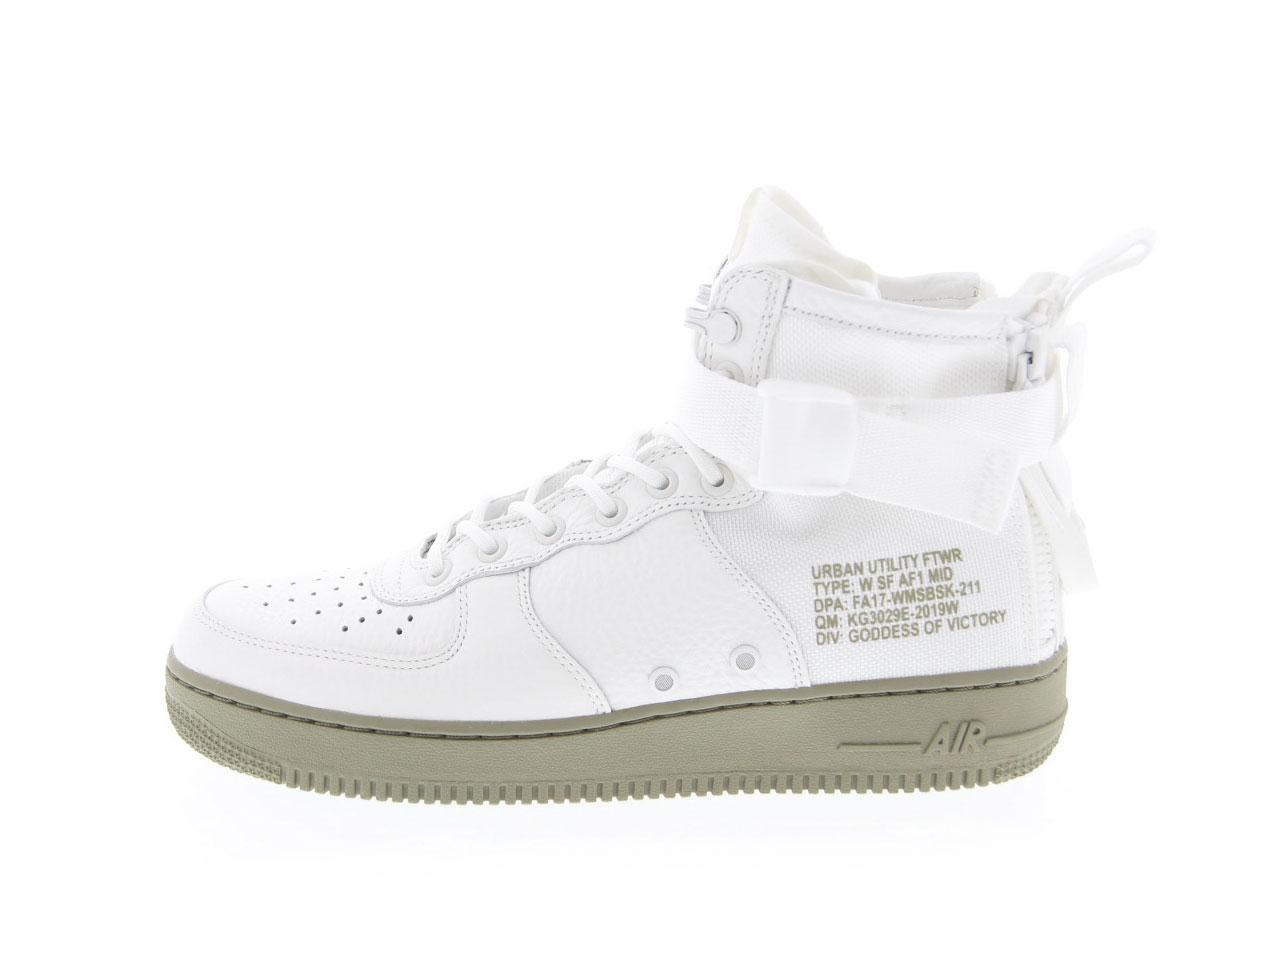 【特価】NIKE W SF AF1 MID(aa3966-100)IVORY-MARS STONE【ナイキ ウィメンズ スペシャルフィールド エアフォースワン ミッド】【メンズファッション】【ナイキスニーカー】【靴】